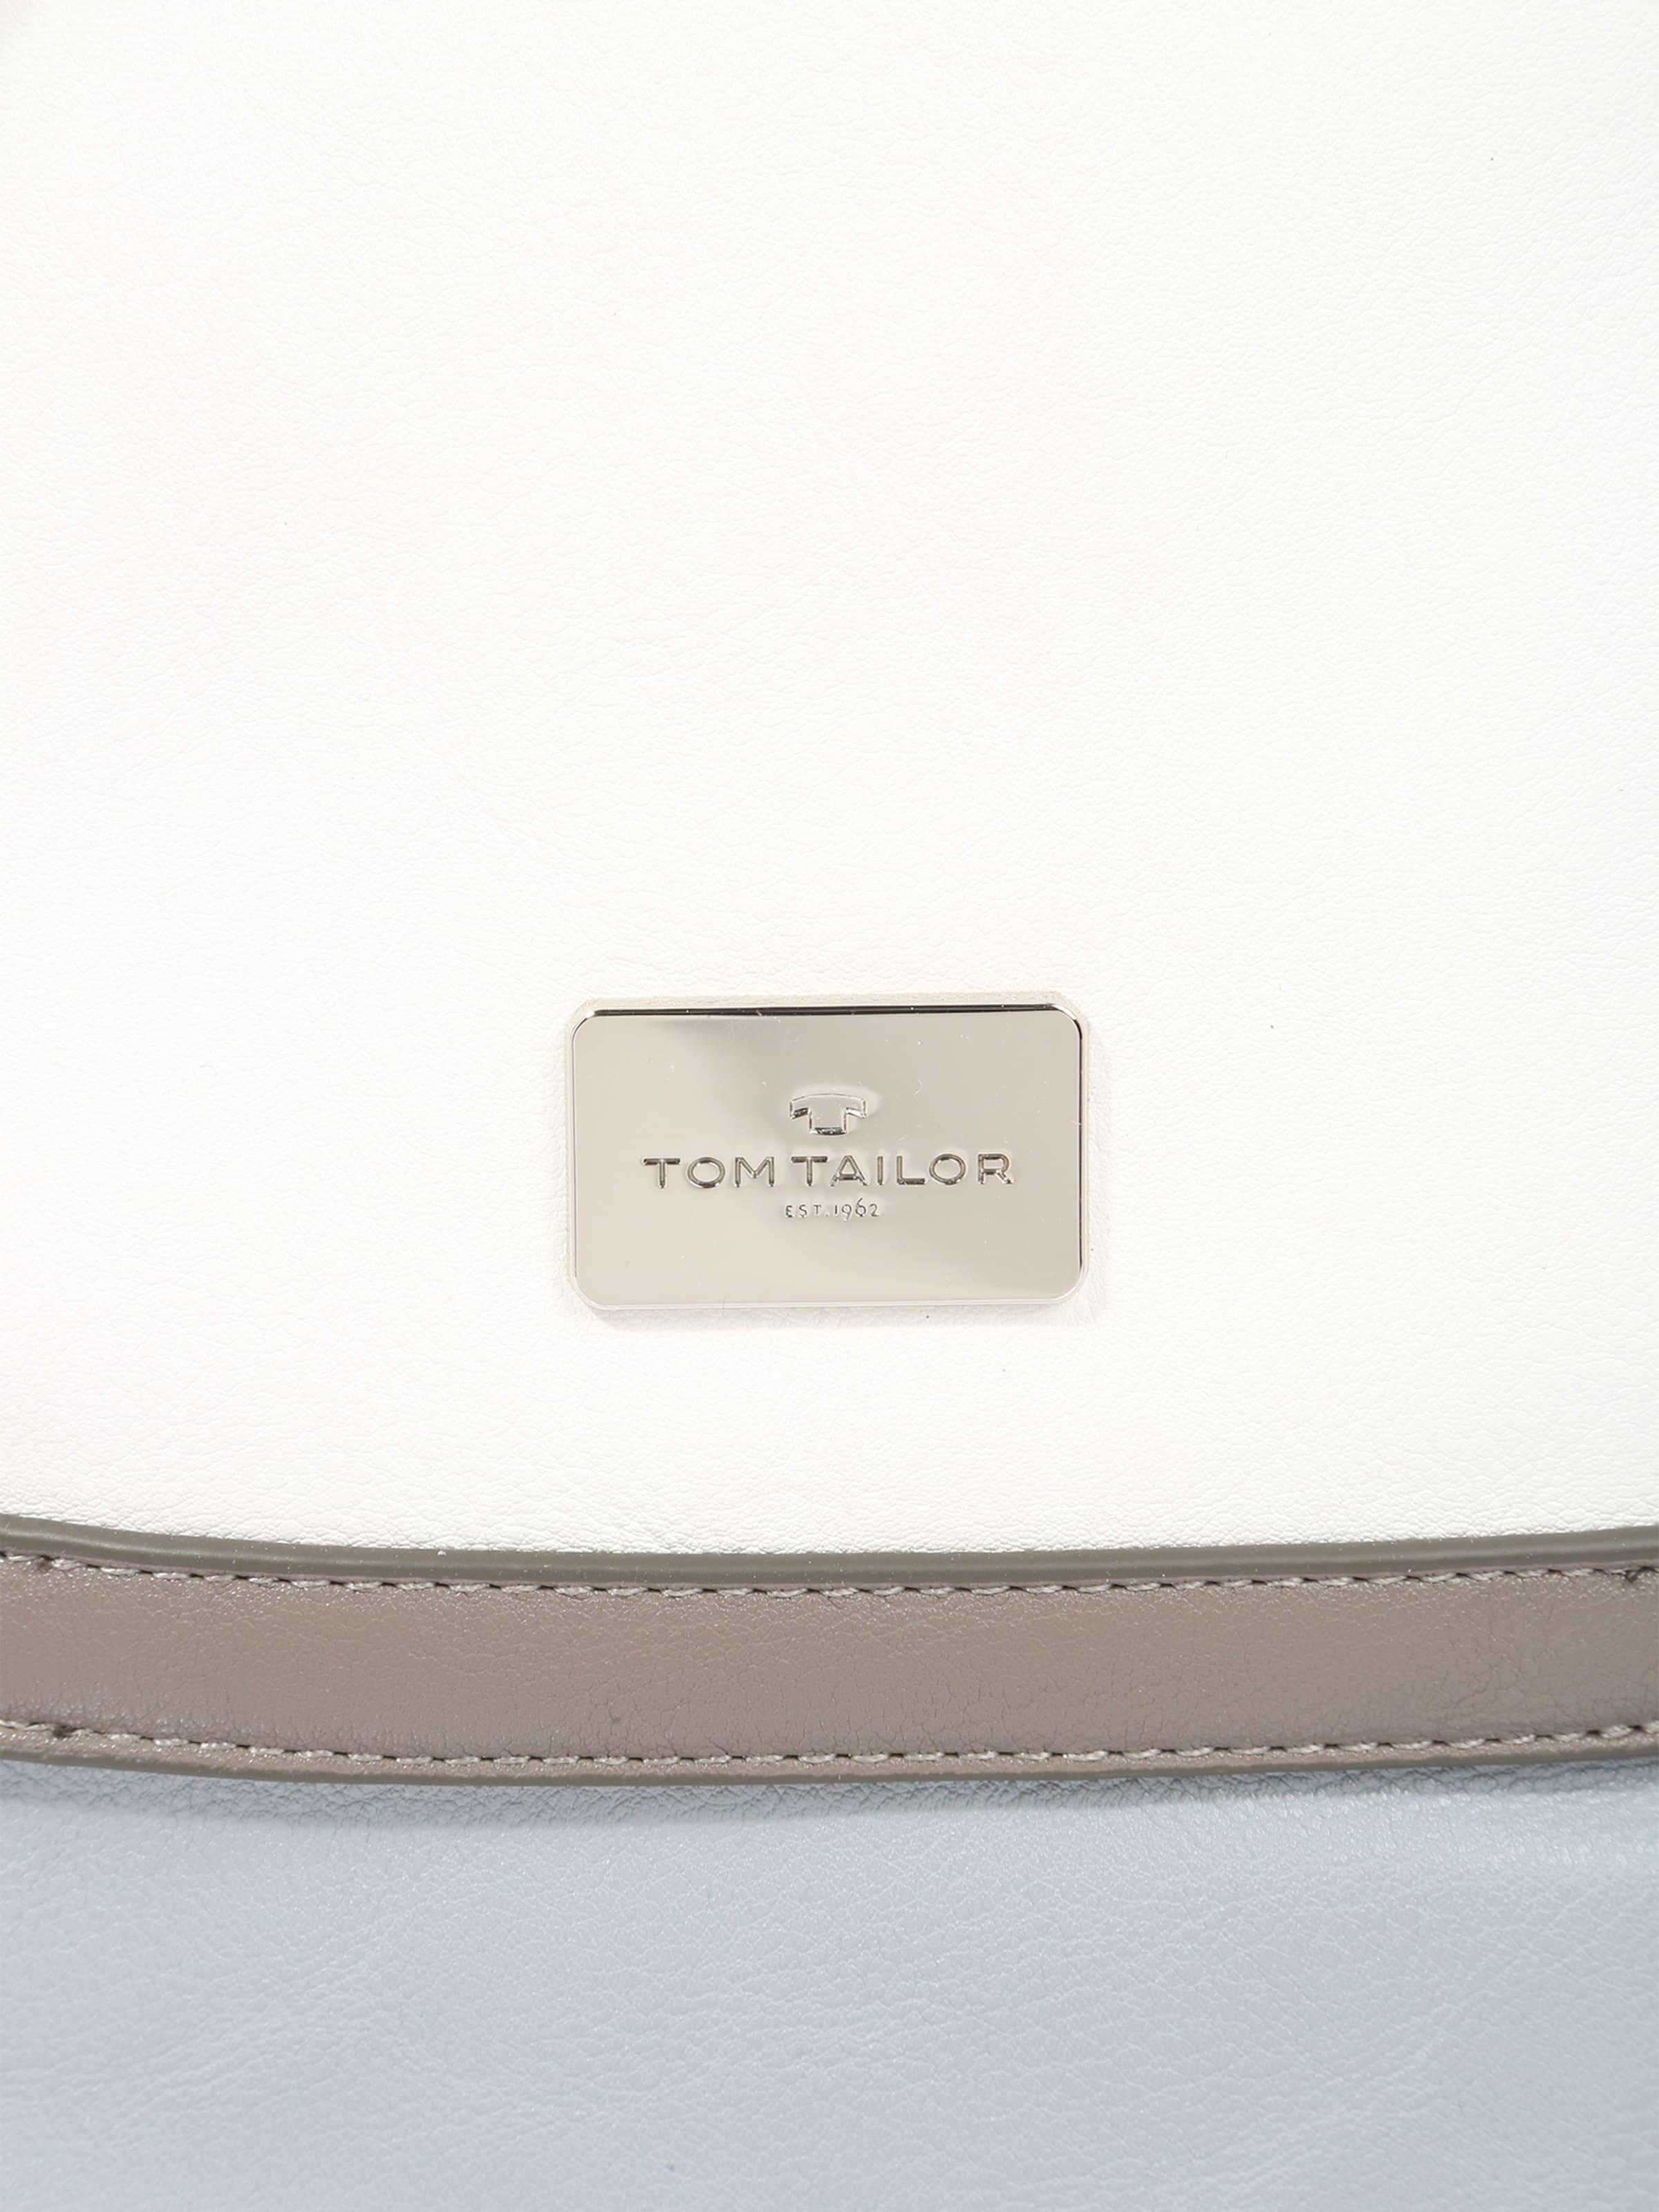 TOM TAILOR Umhängetasche 'JUNA' Billig Verkauf Offiziell Günstig Kaufen Zum Verkauf Steckdose Authentisch Große Überraschung Spielraum Marktfähig 7xAHtw